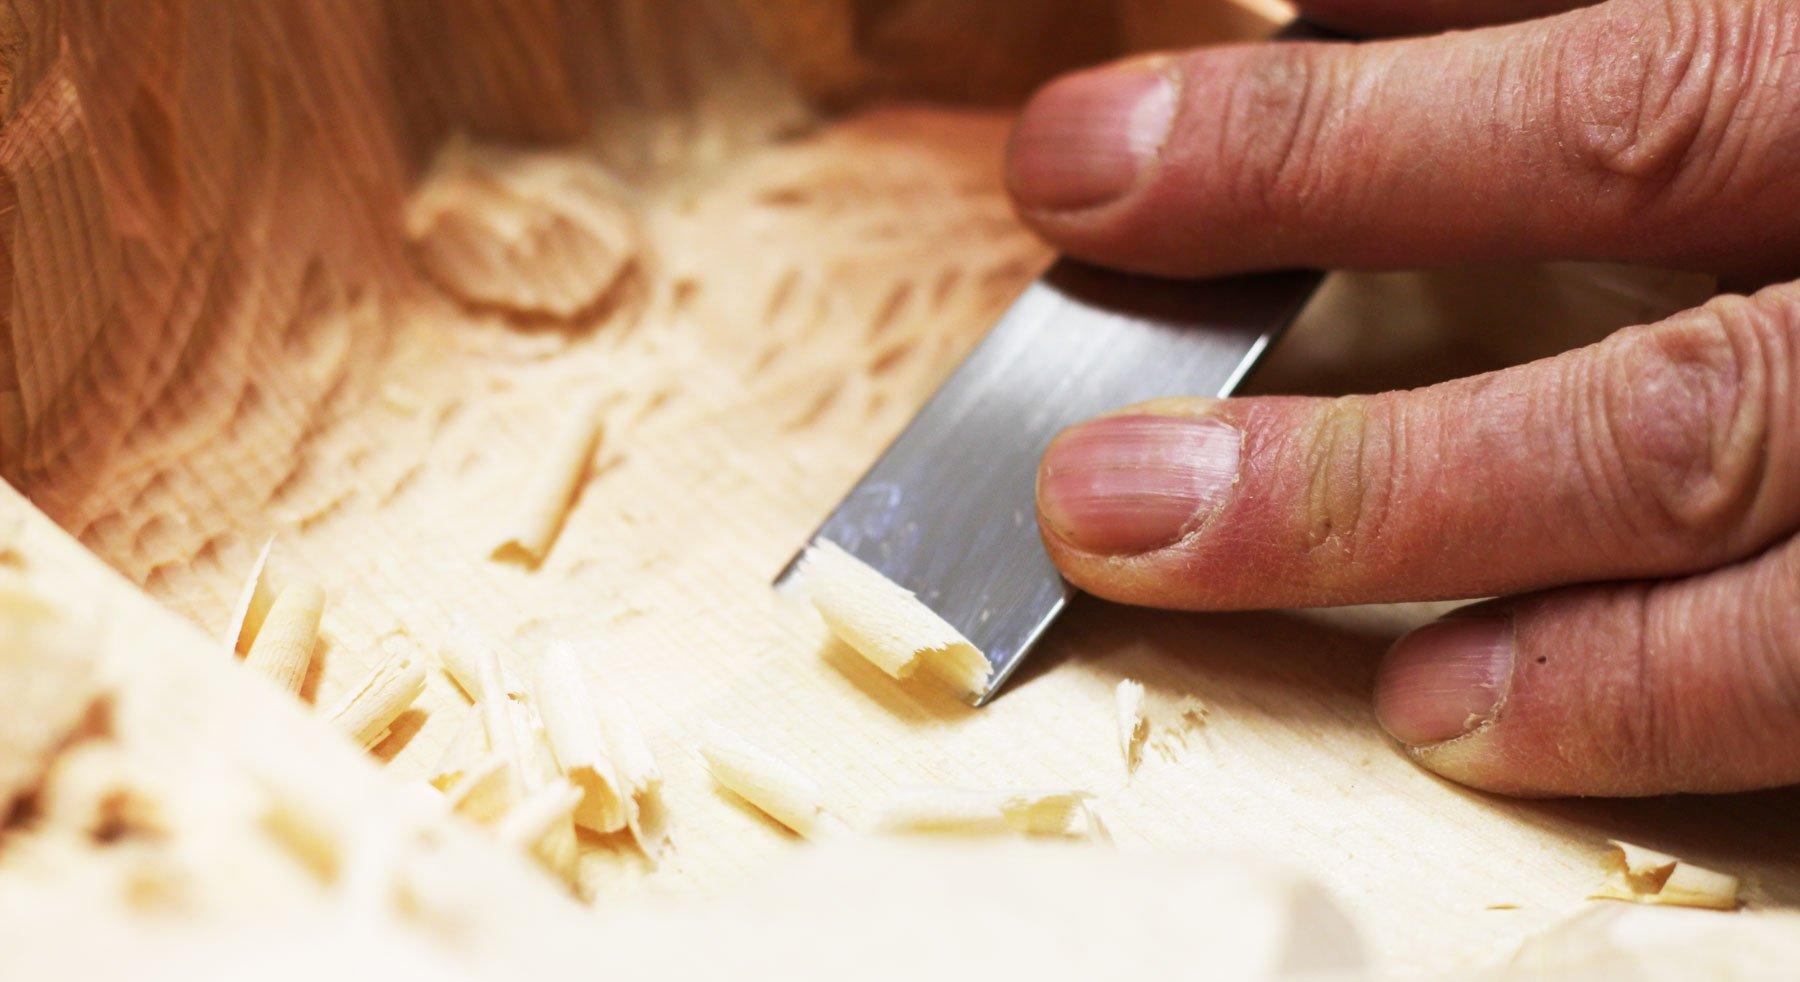 Dettaglio della lavorazione di una scultura in legno